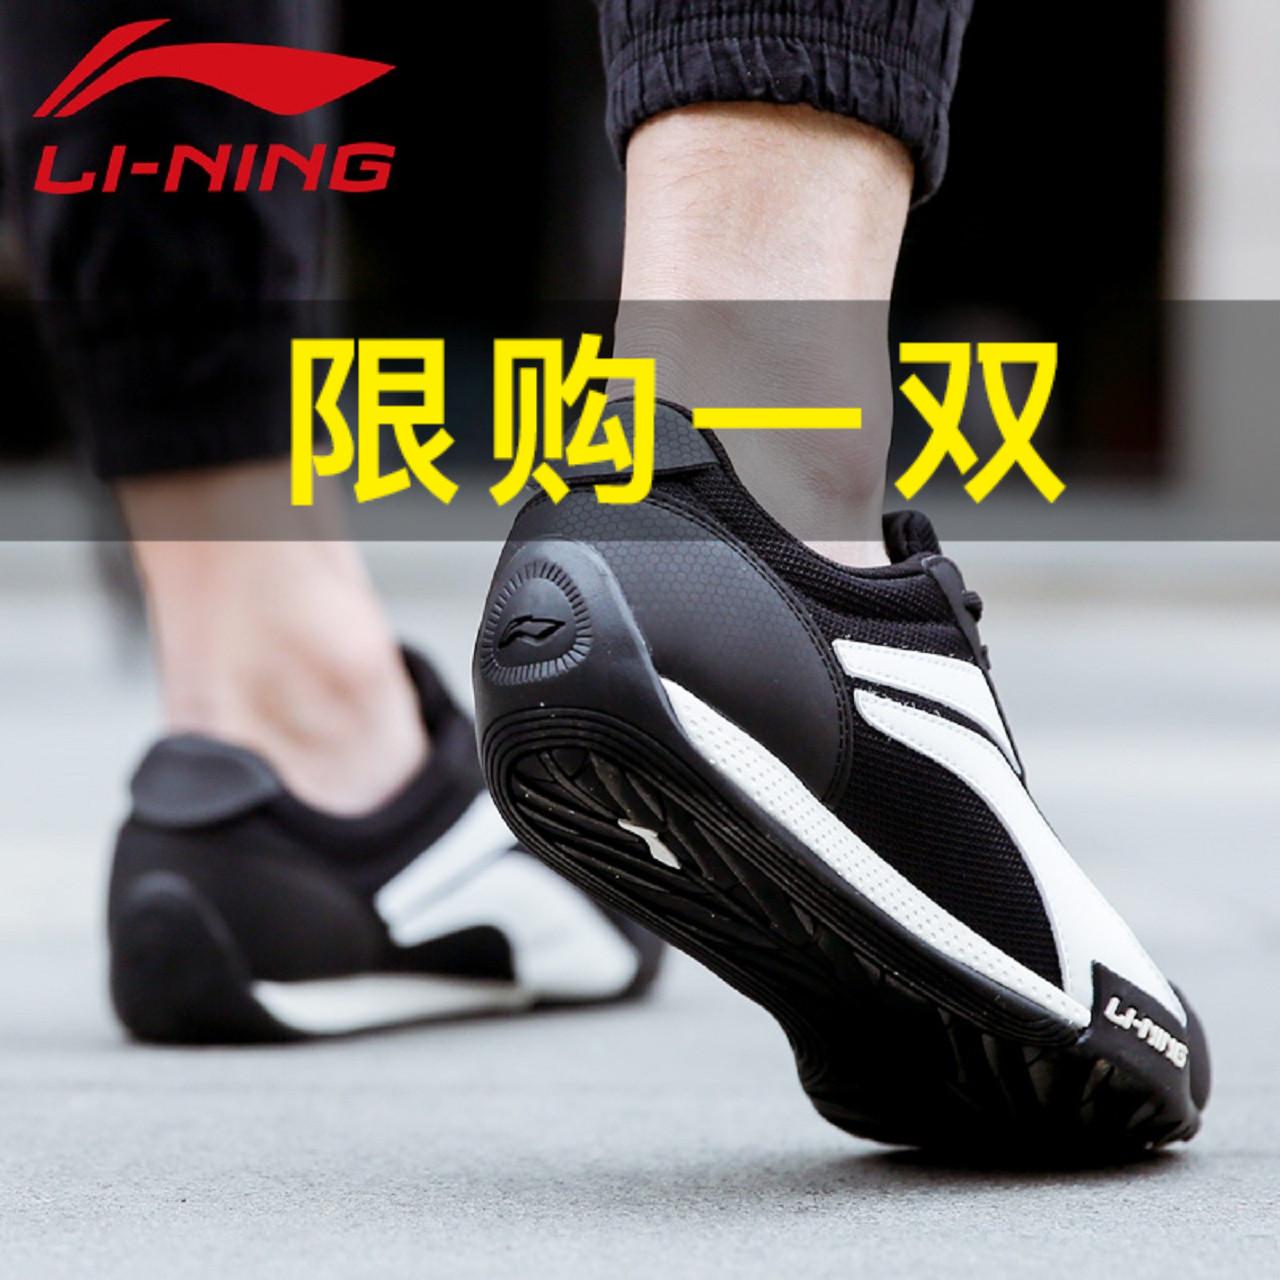 李宁男鞋运动鞋春季2019新款板鞋夏季透气悟道休闲鞋跑步鞋阿甘鞋